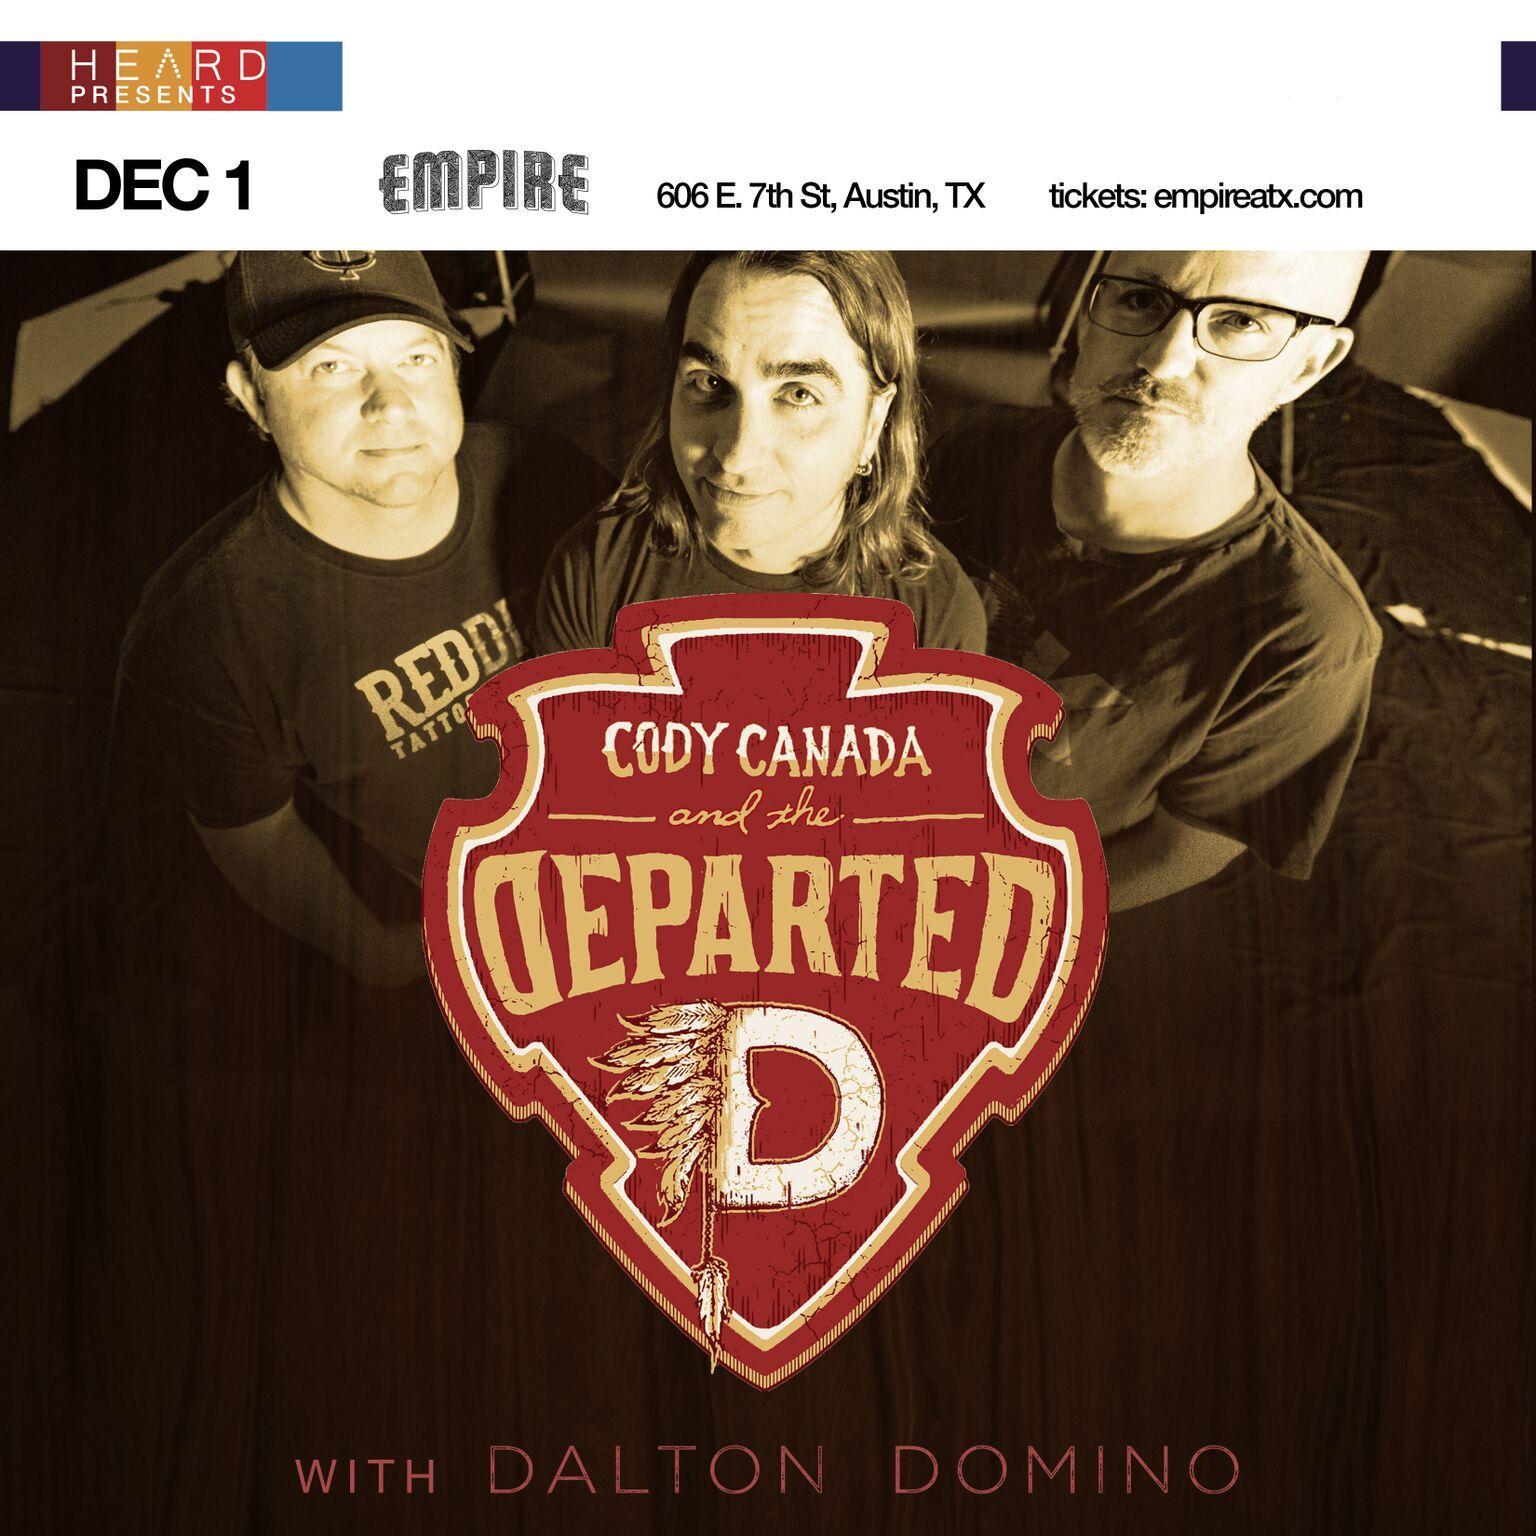 Cody Canada with Dalton Domino